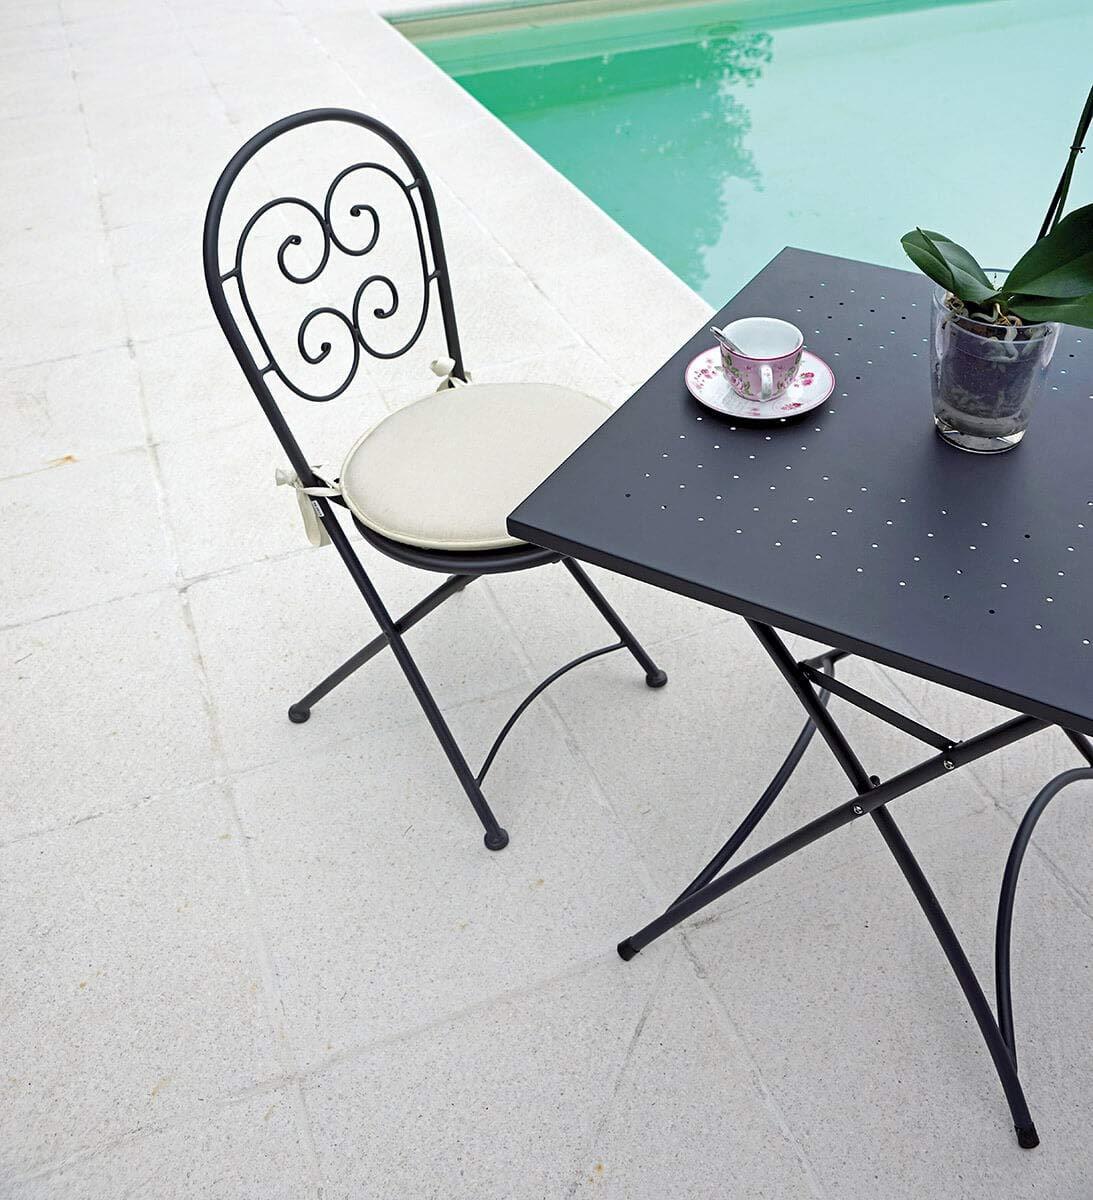 vorghini Tavolino Quadrato Pieghevole da Giardino 70x70 cm in Ferro Orta Antracite